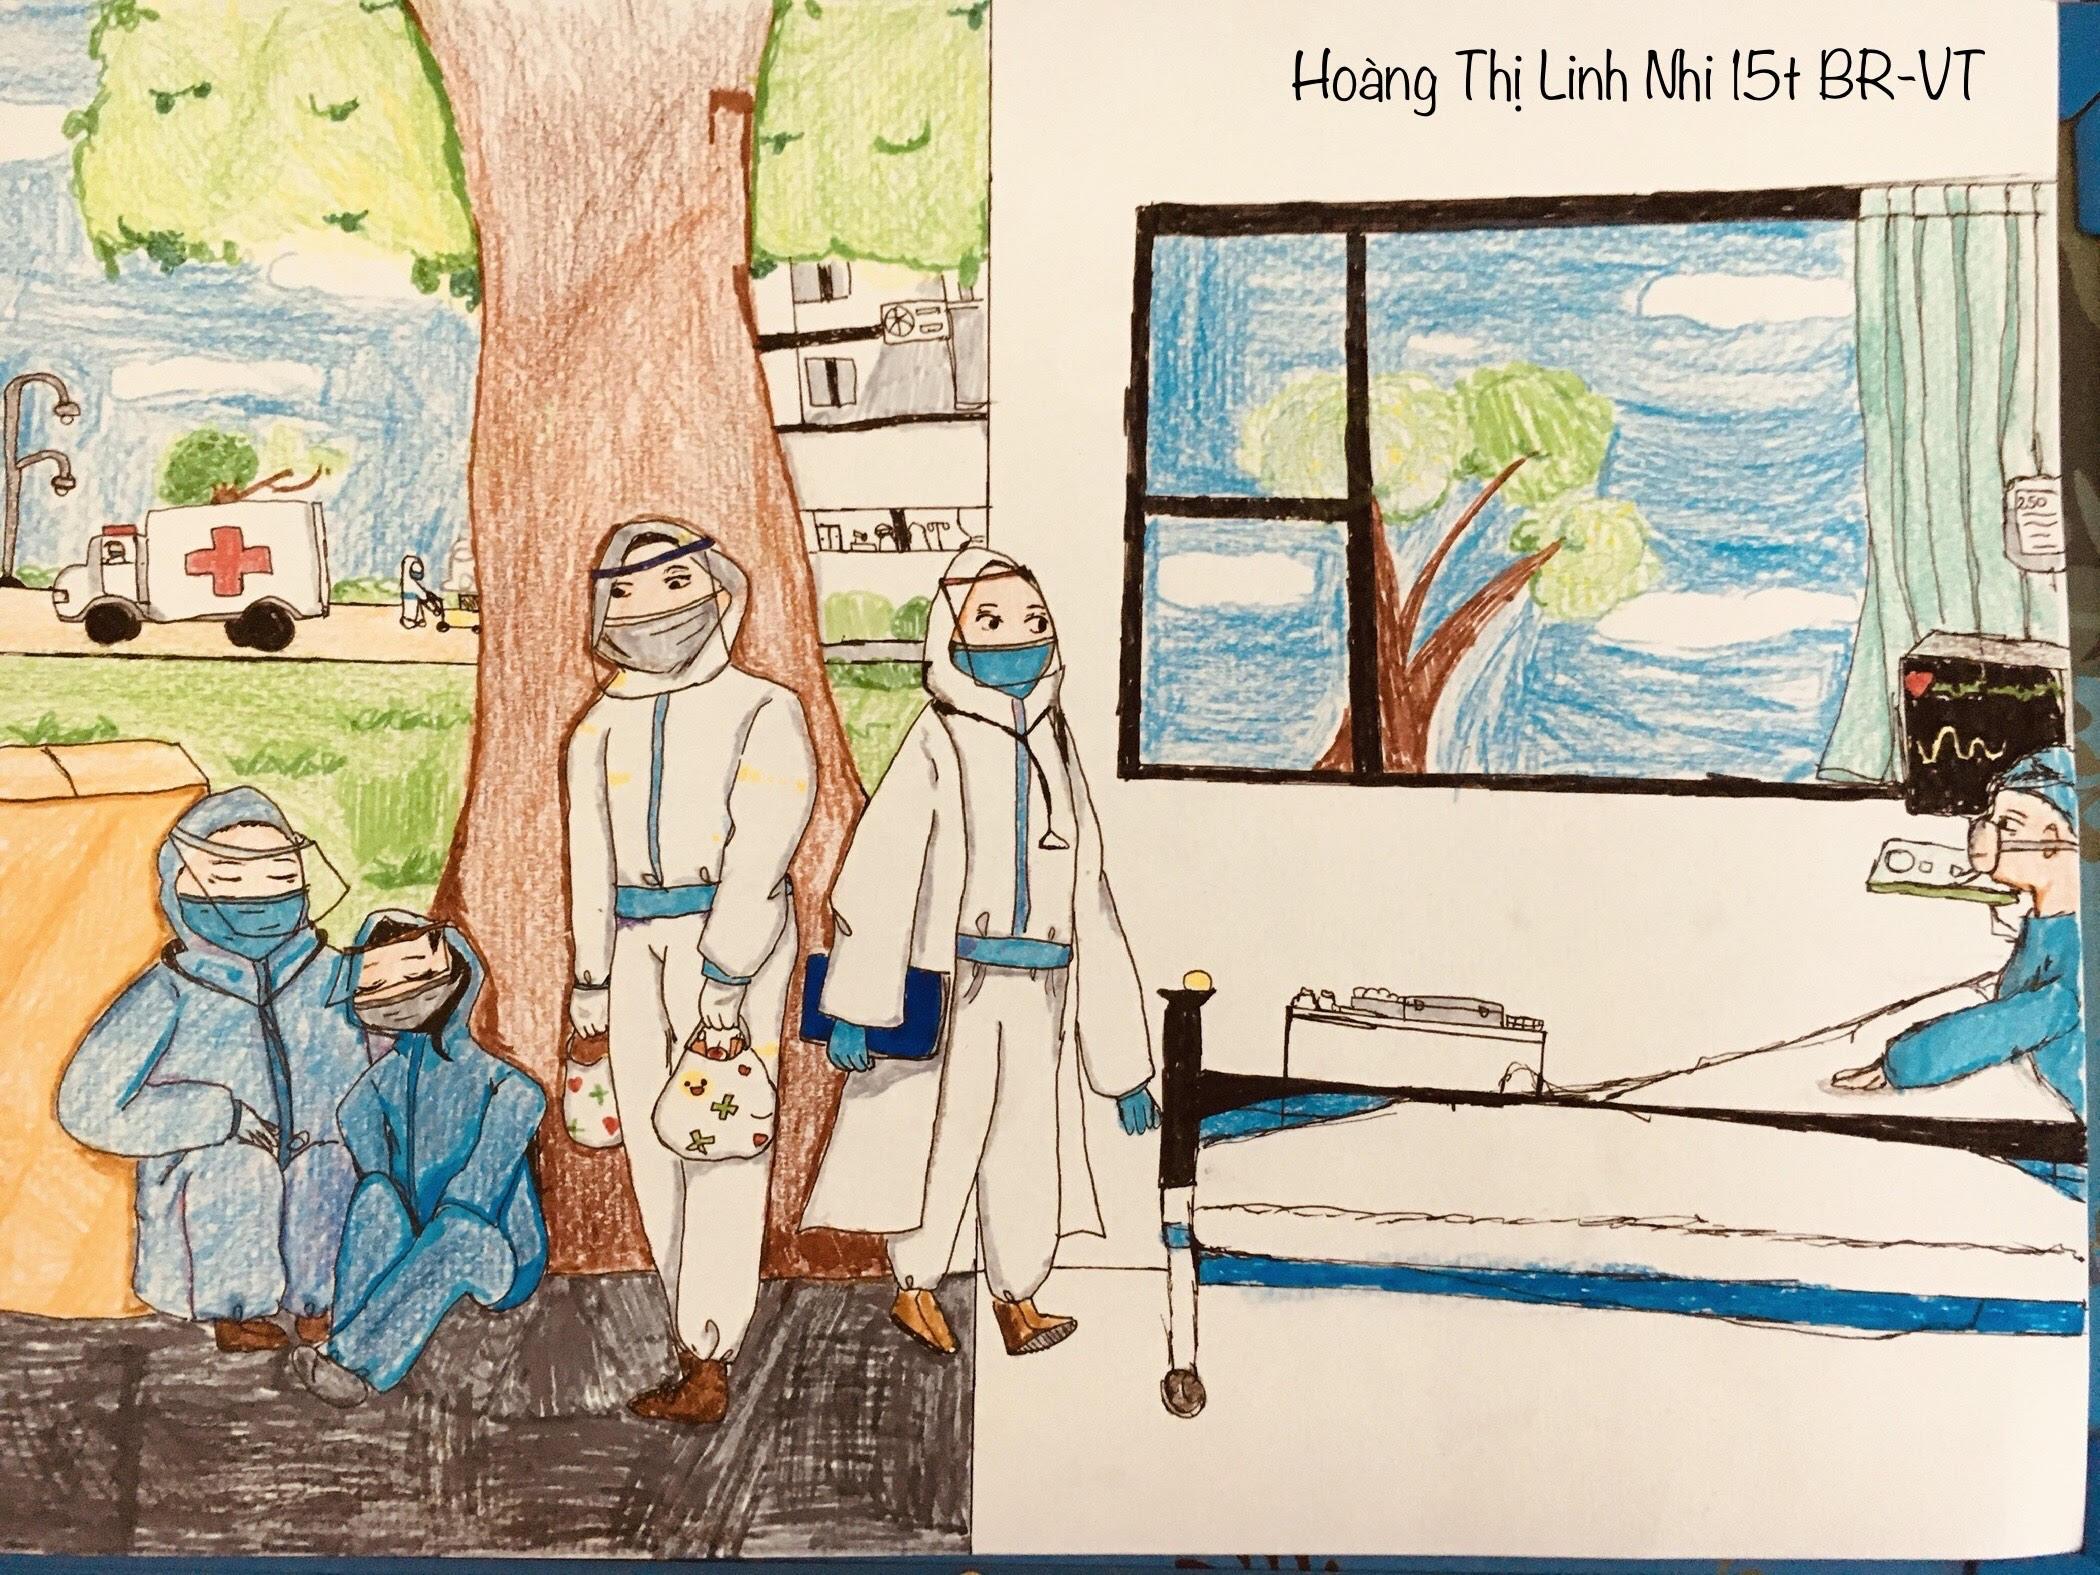 Bức tranh của em Hoàng Thị Linh Nhi, 15 tuổi, ở Bà Rịa-Vũng Tàu gửi về cuộc thi. Bức tranh mô tả